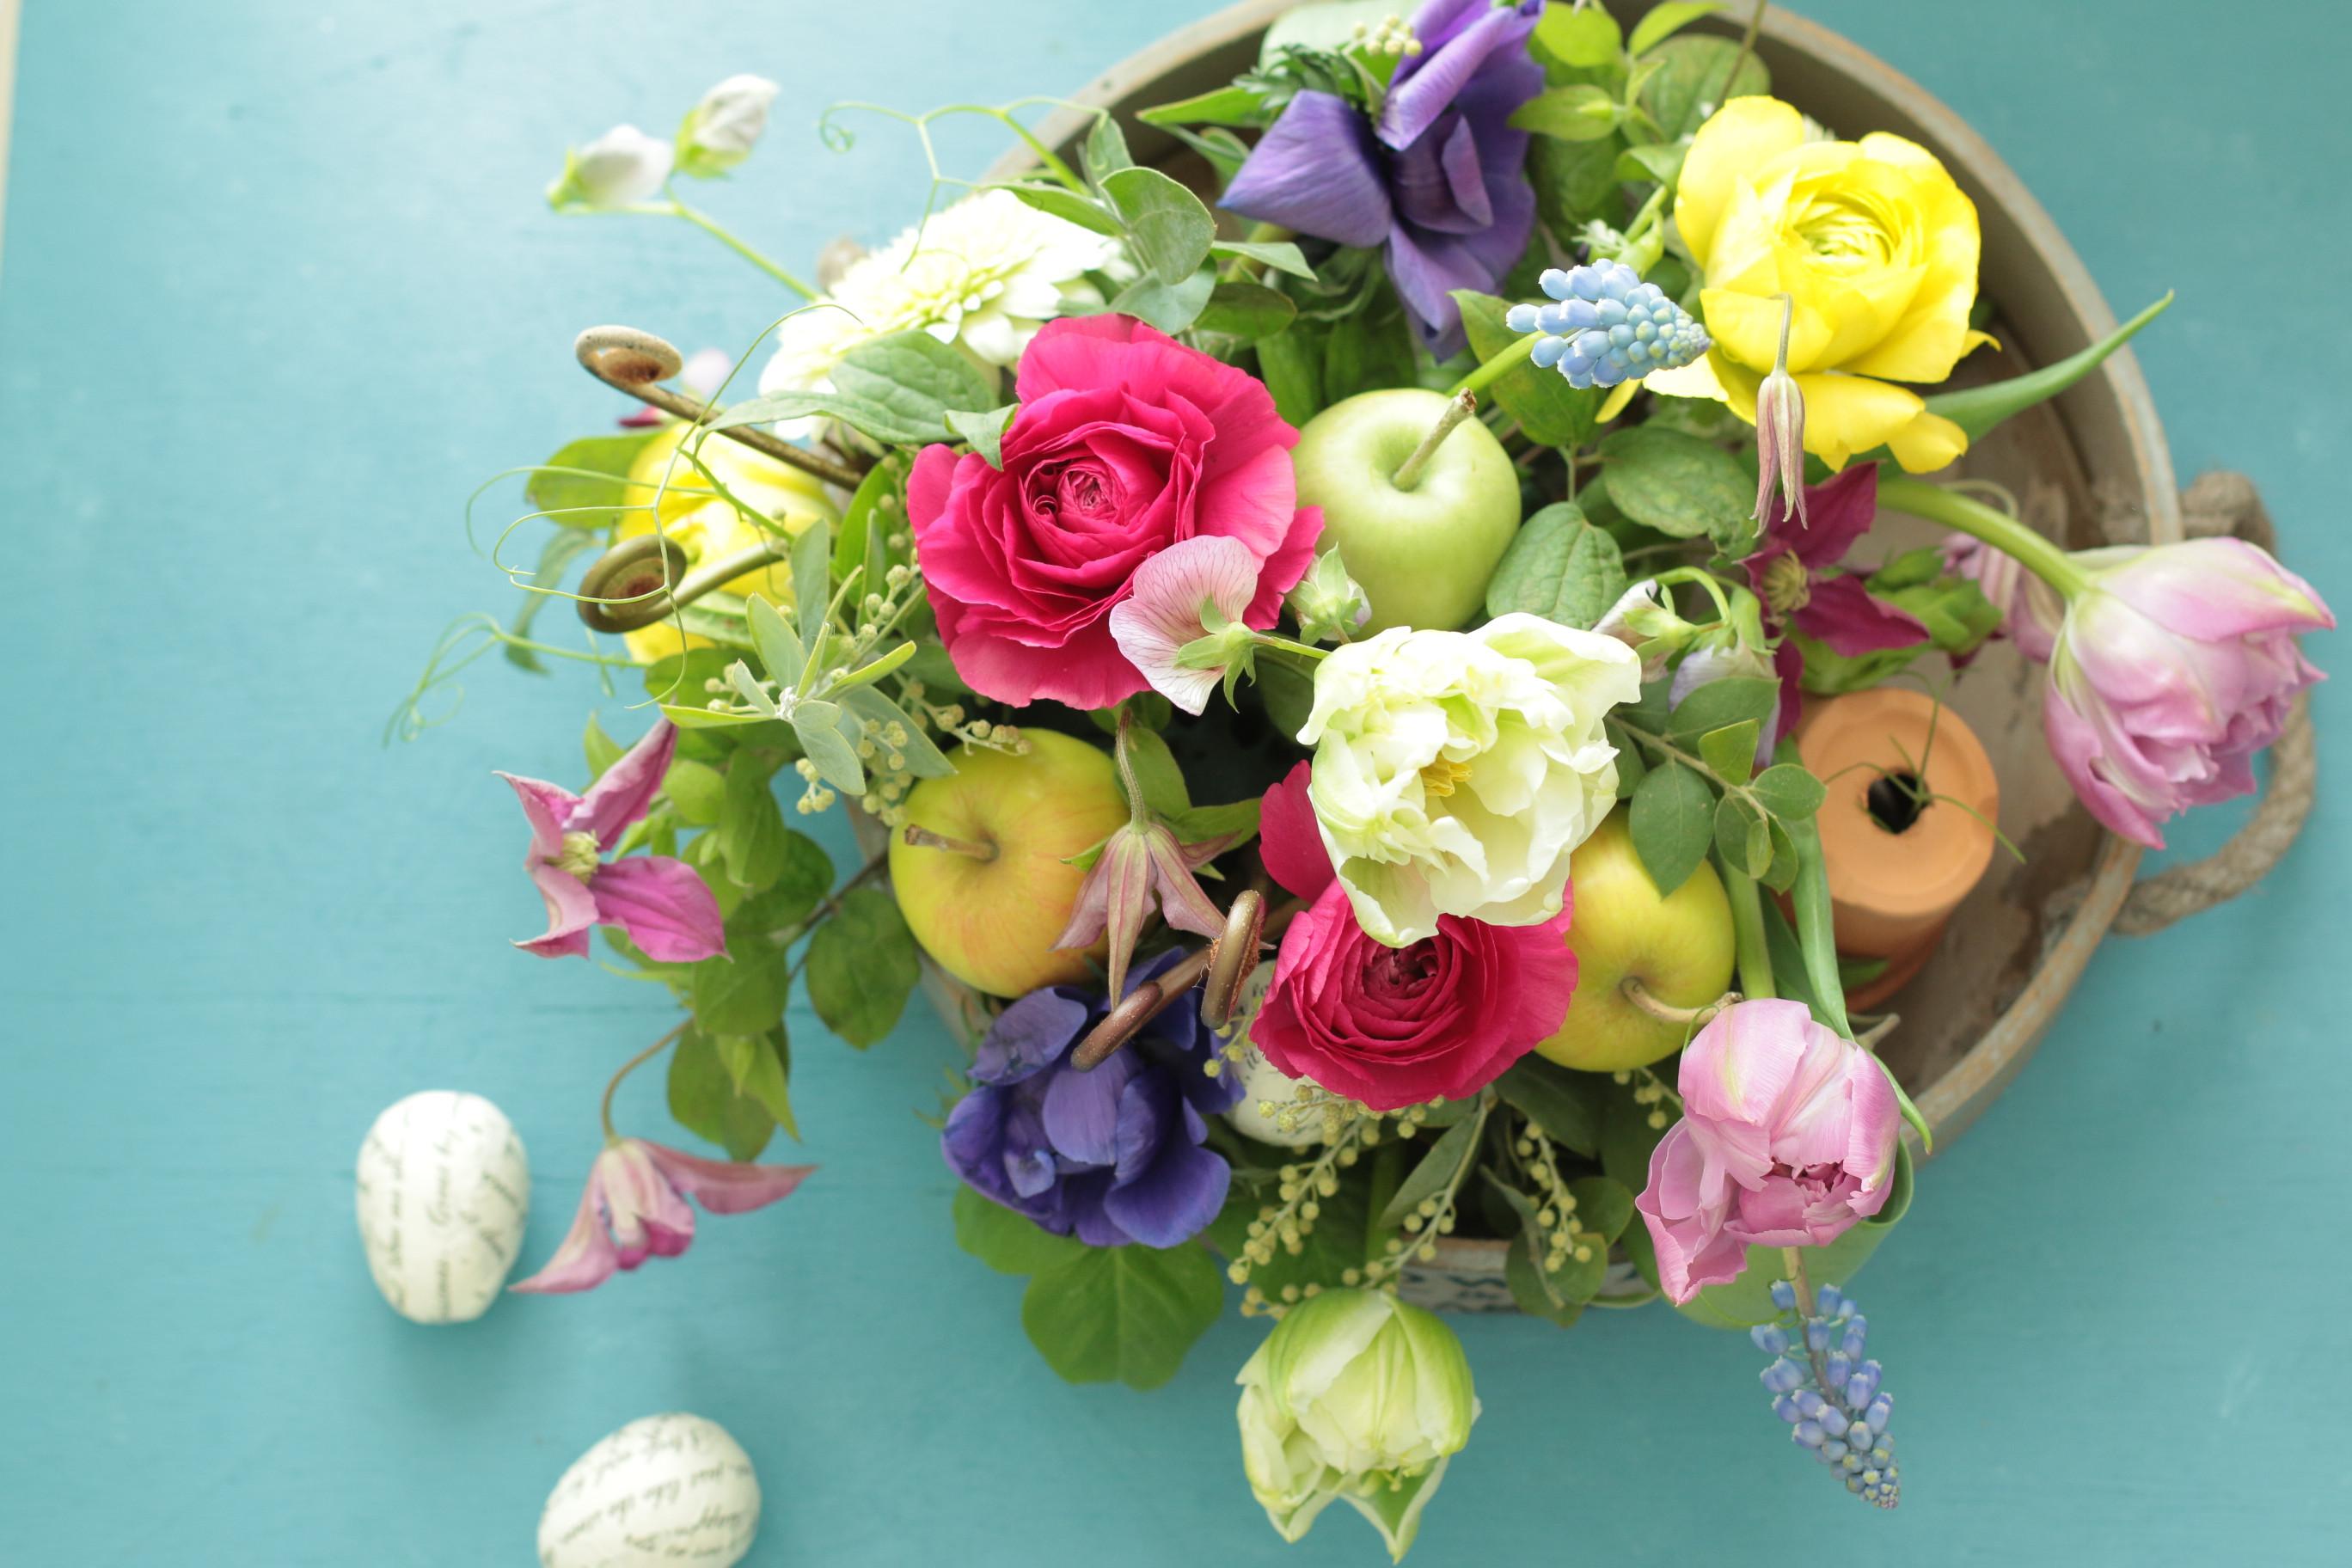 1/14(火)15(水)フレッシュフラワーレッスンです - お花の教室 Fleur de saisons